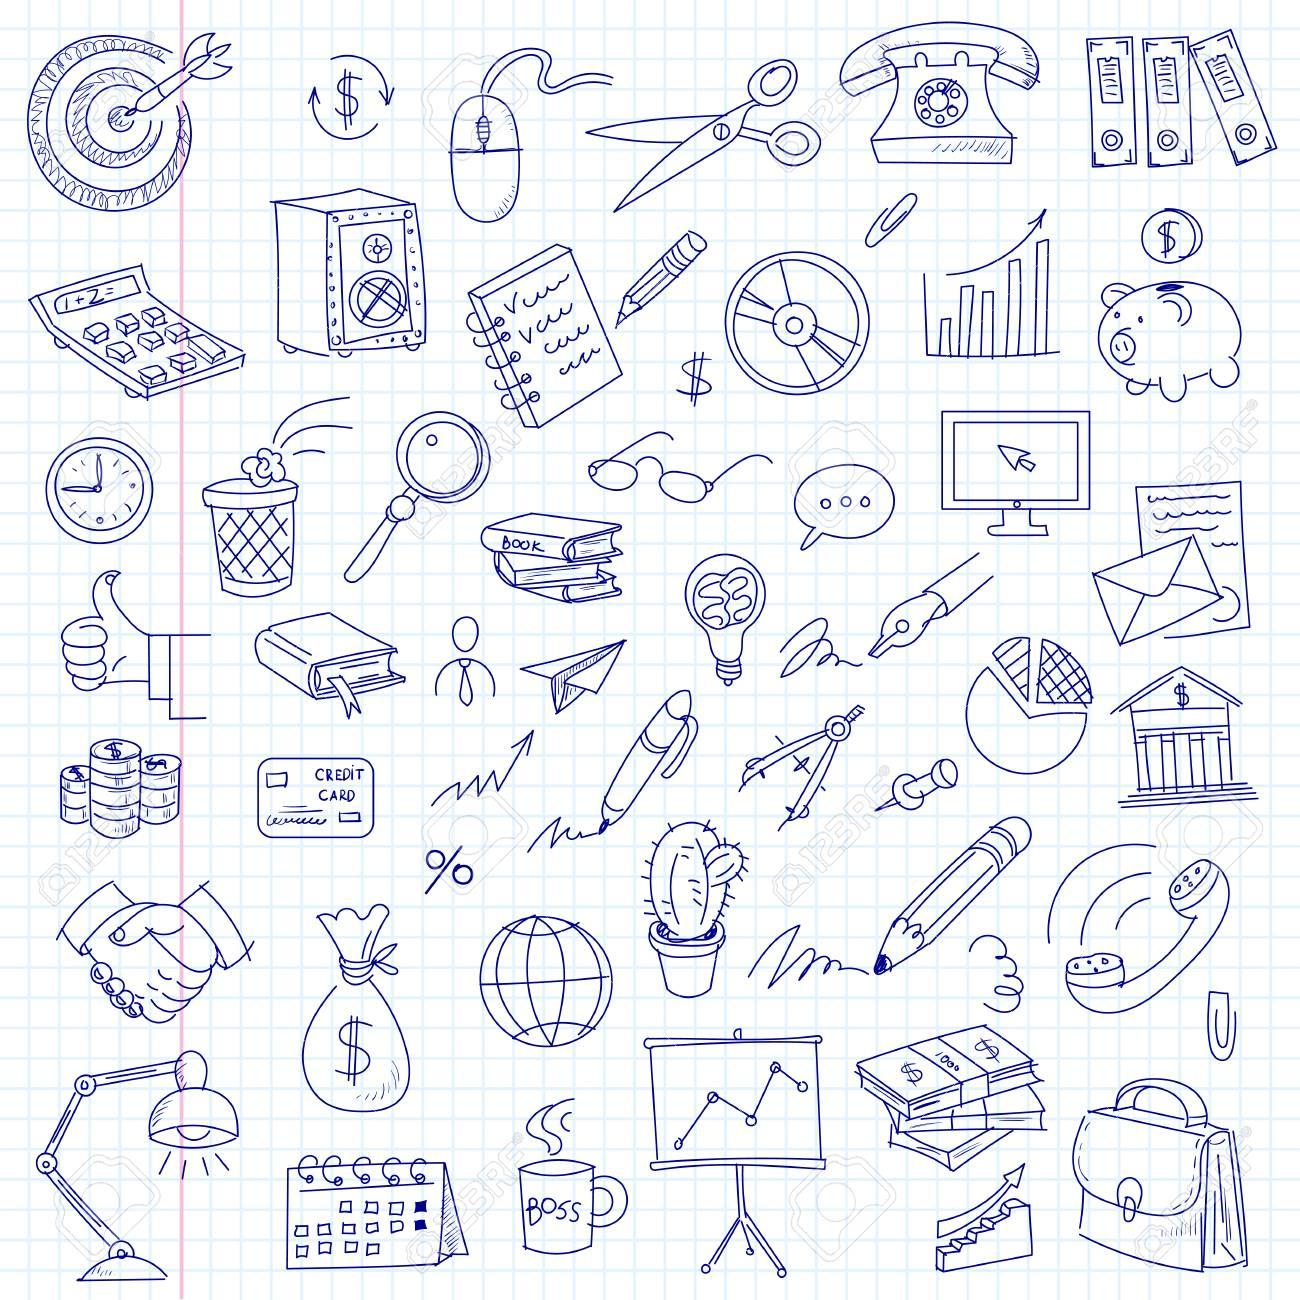 Freihandzeichnen Buroartikel Auf Einem Blatt Ubungsbuch Wirtschaft